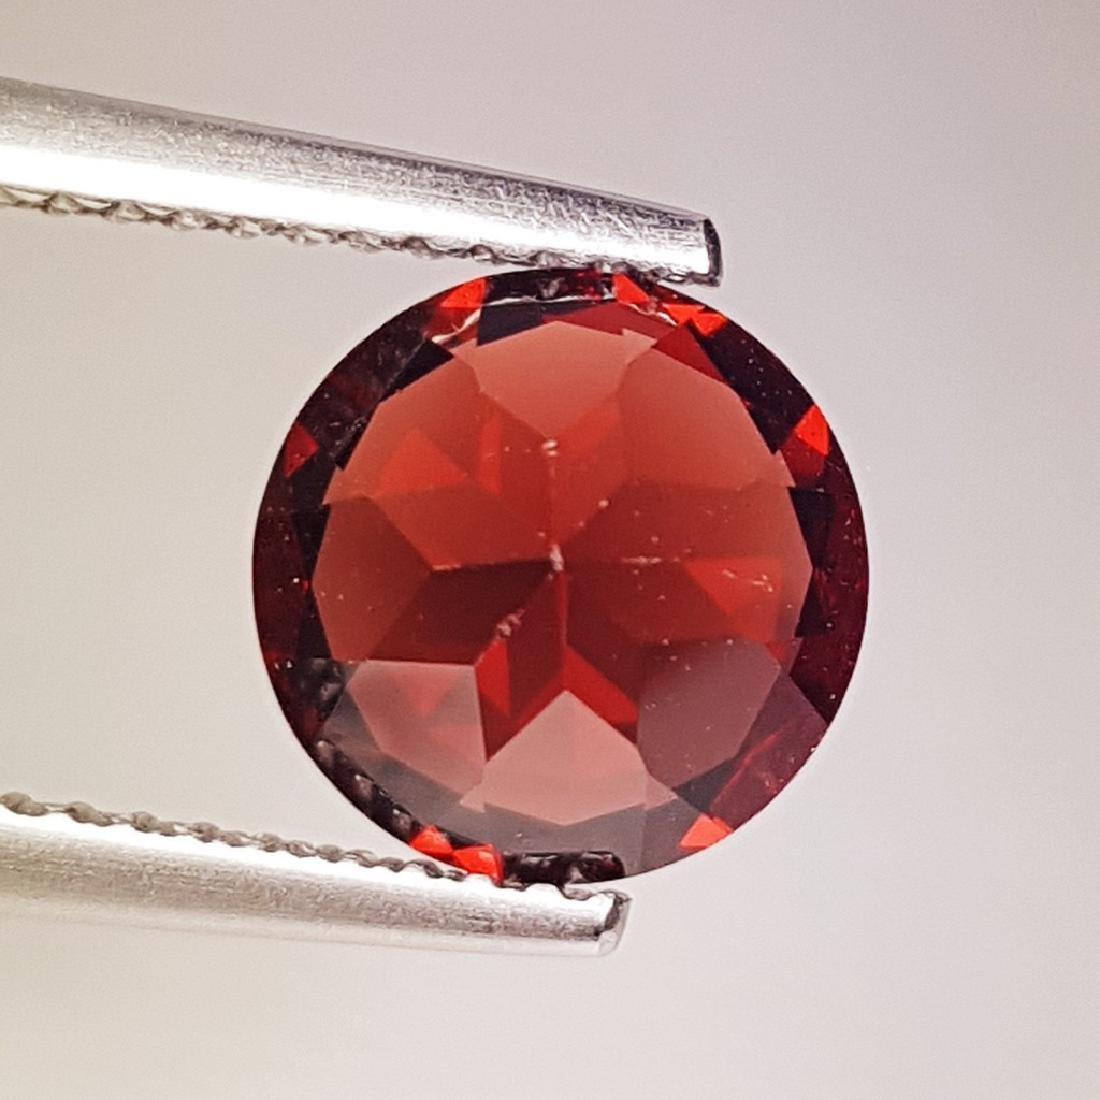 2.42 ct Fantastic Natural Pyrope - Almandite Red Garnet - 4